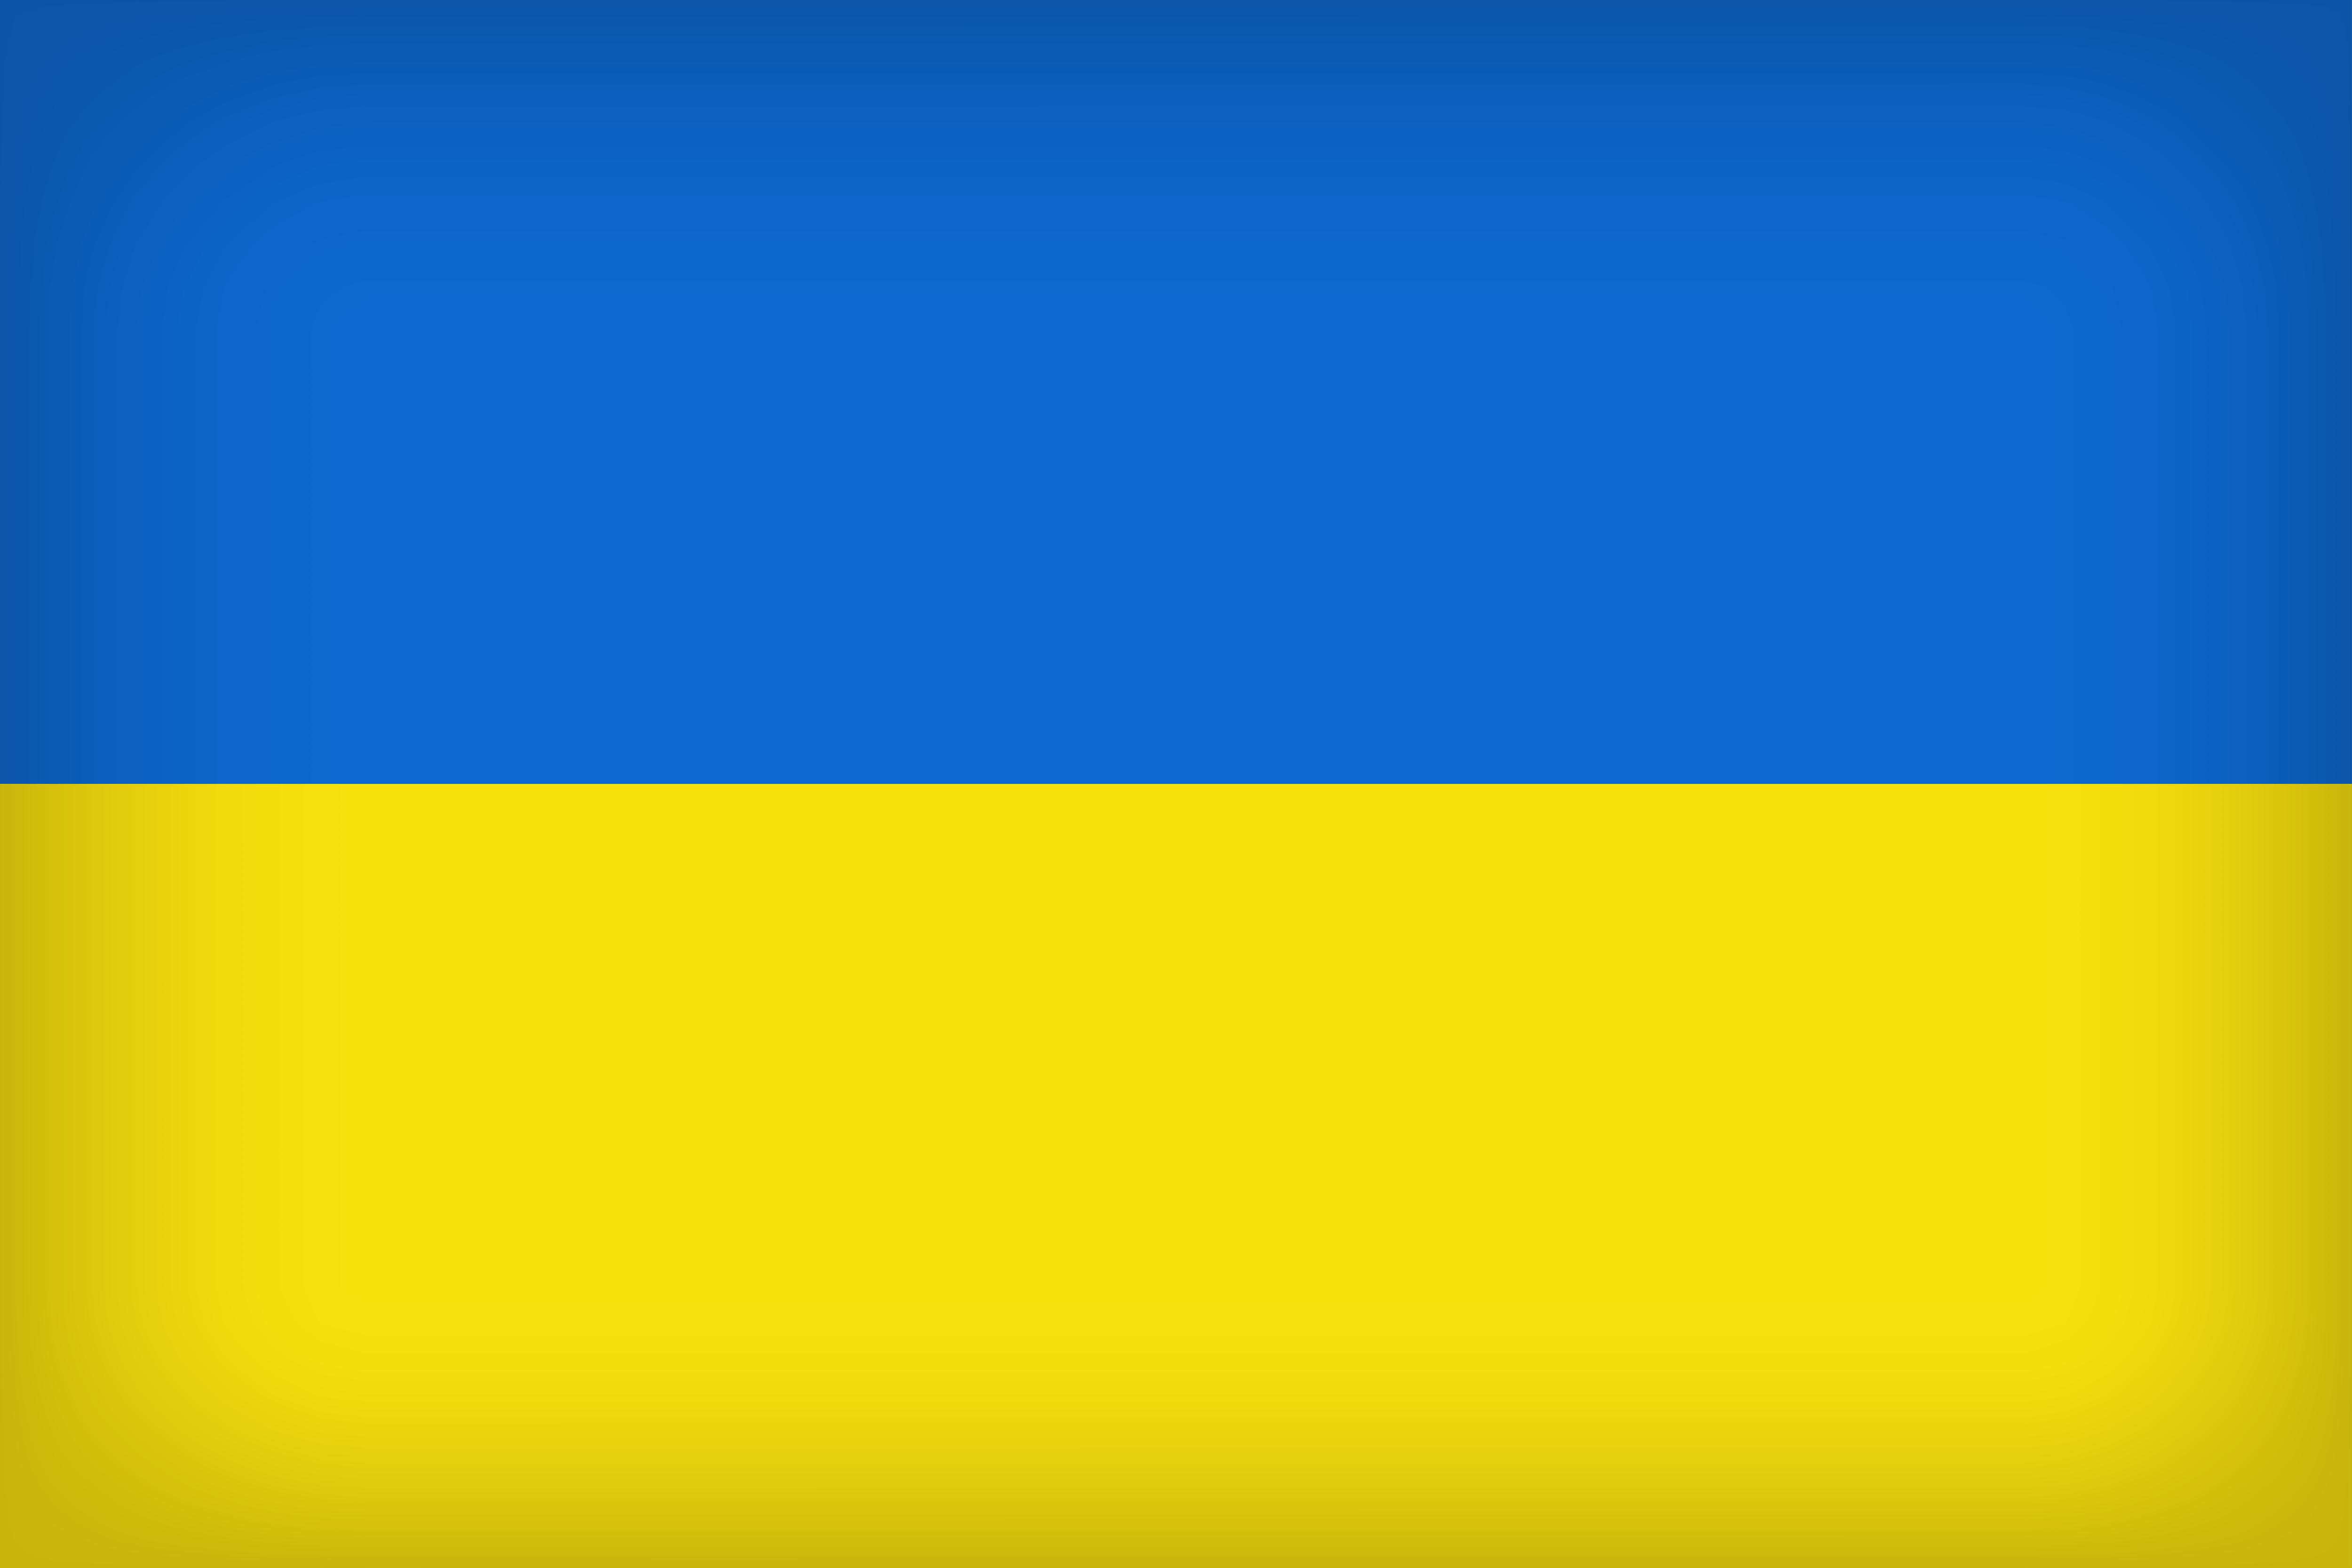 Ukraine_Large_Flag